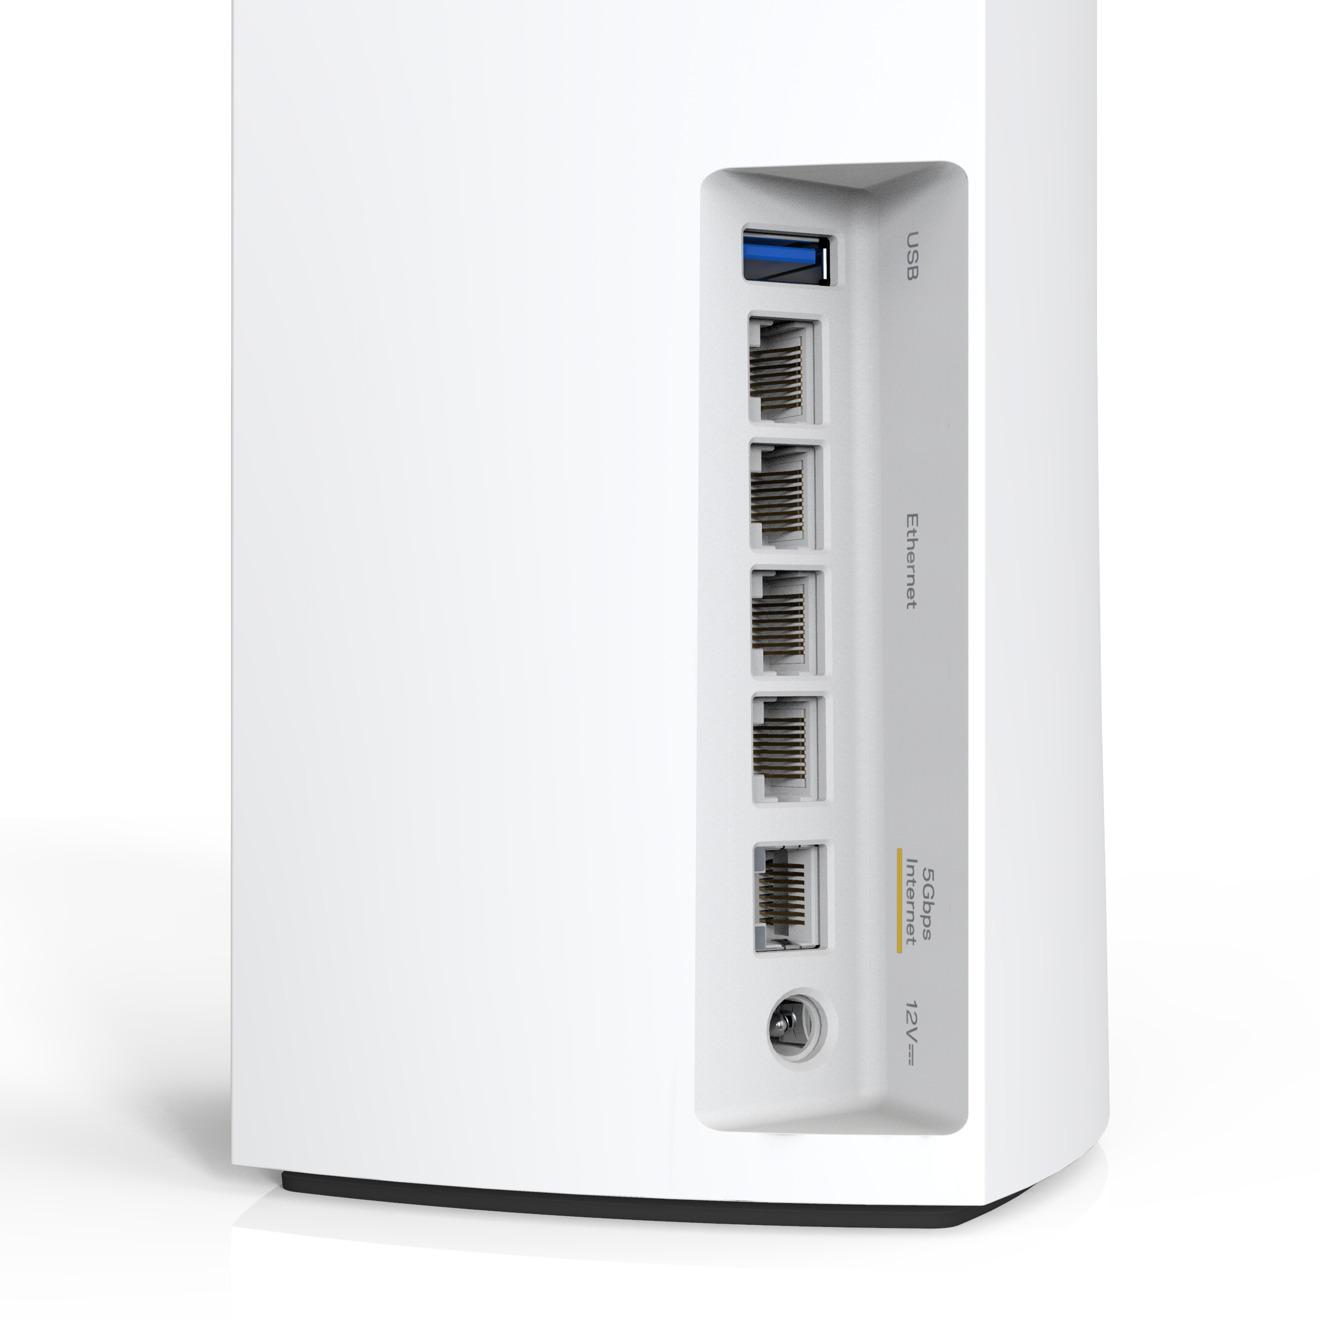 Puertos Ethernet cableados en el AXE8400